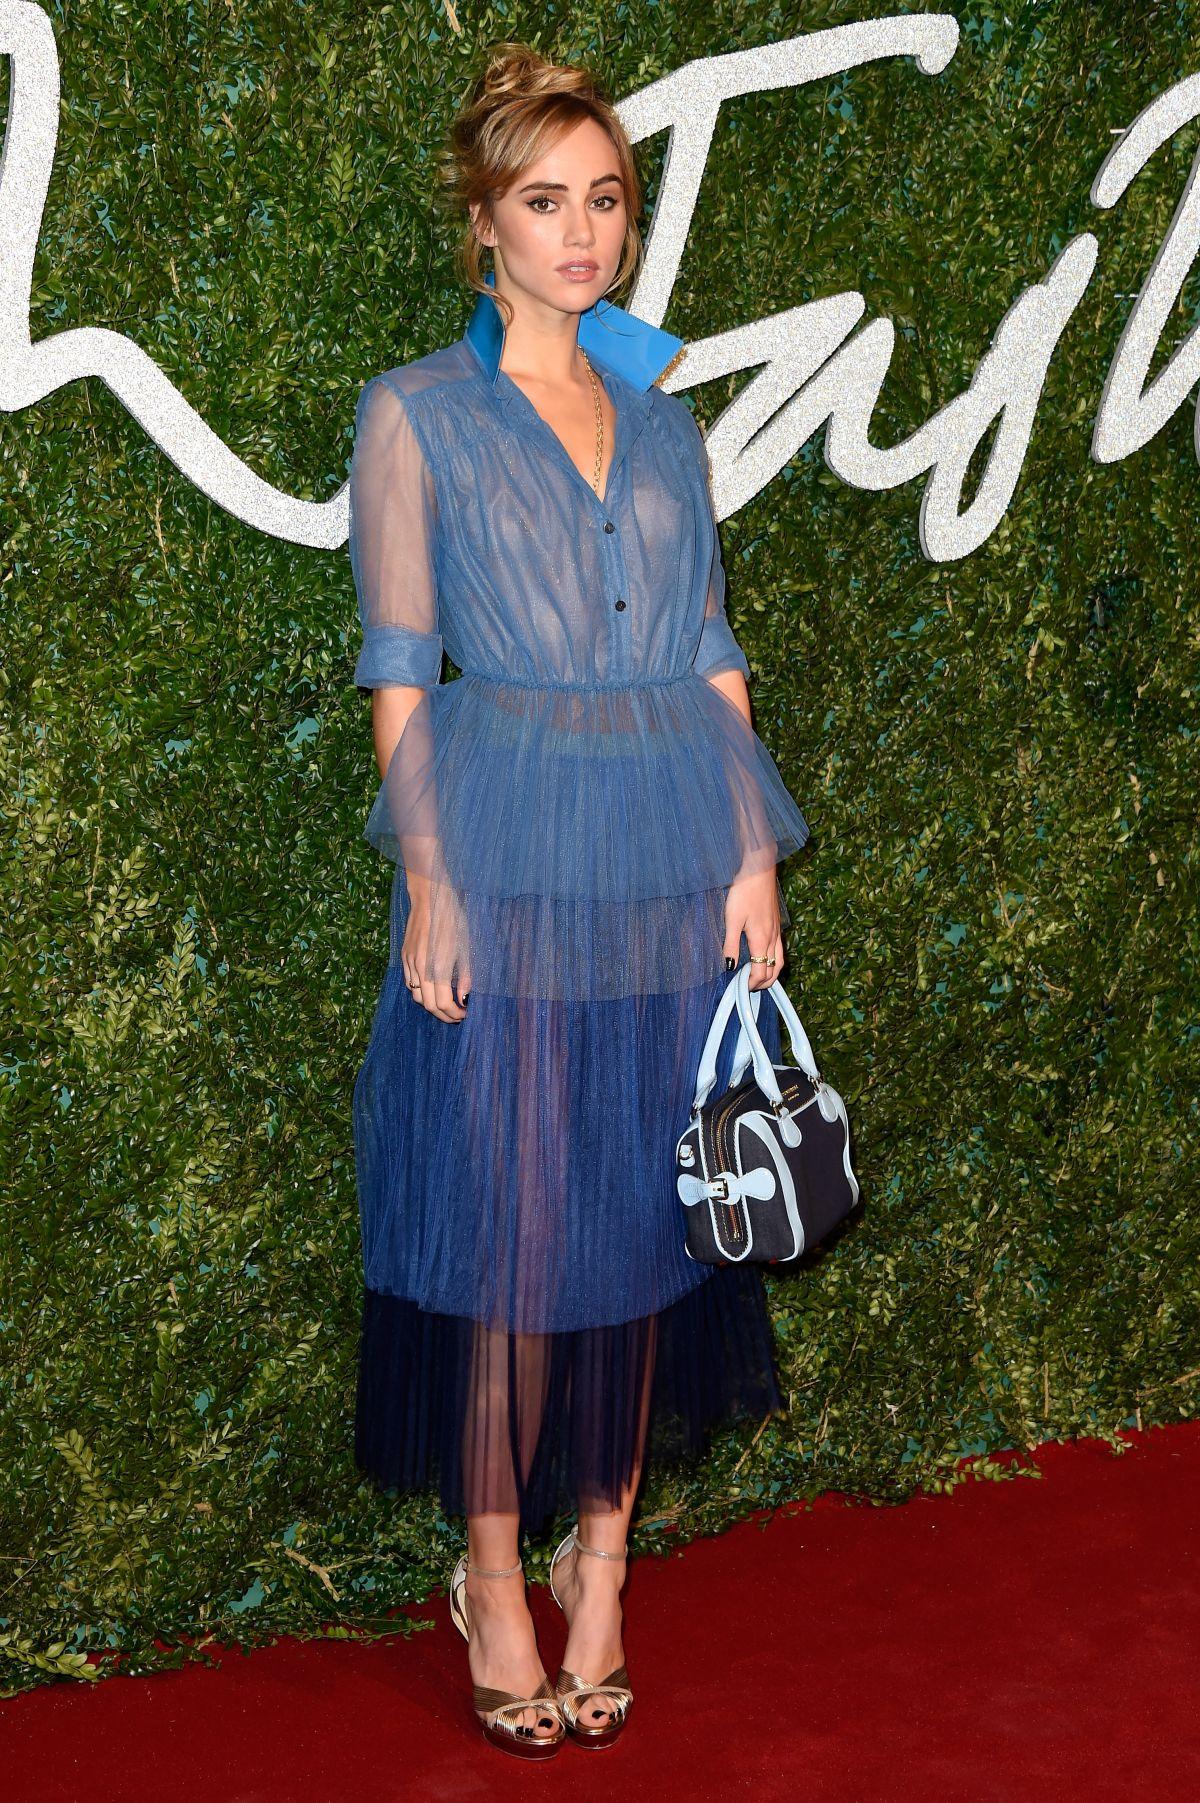 Fashion Awards 2017 In London: SUKI WATERHOUSE At British Fashion Awards 2014 In London